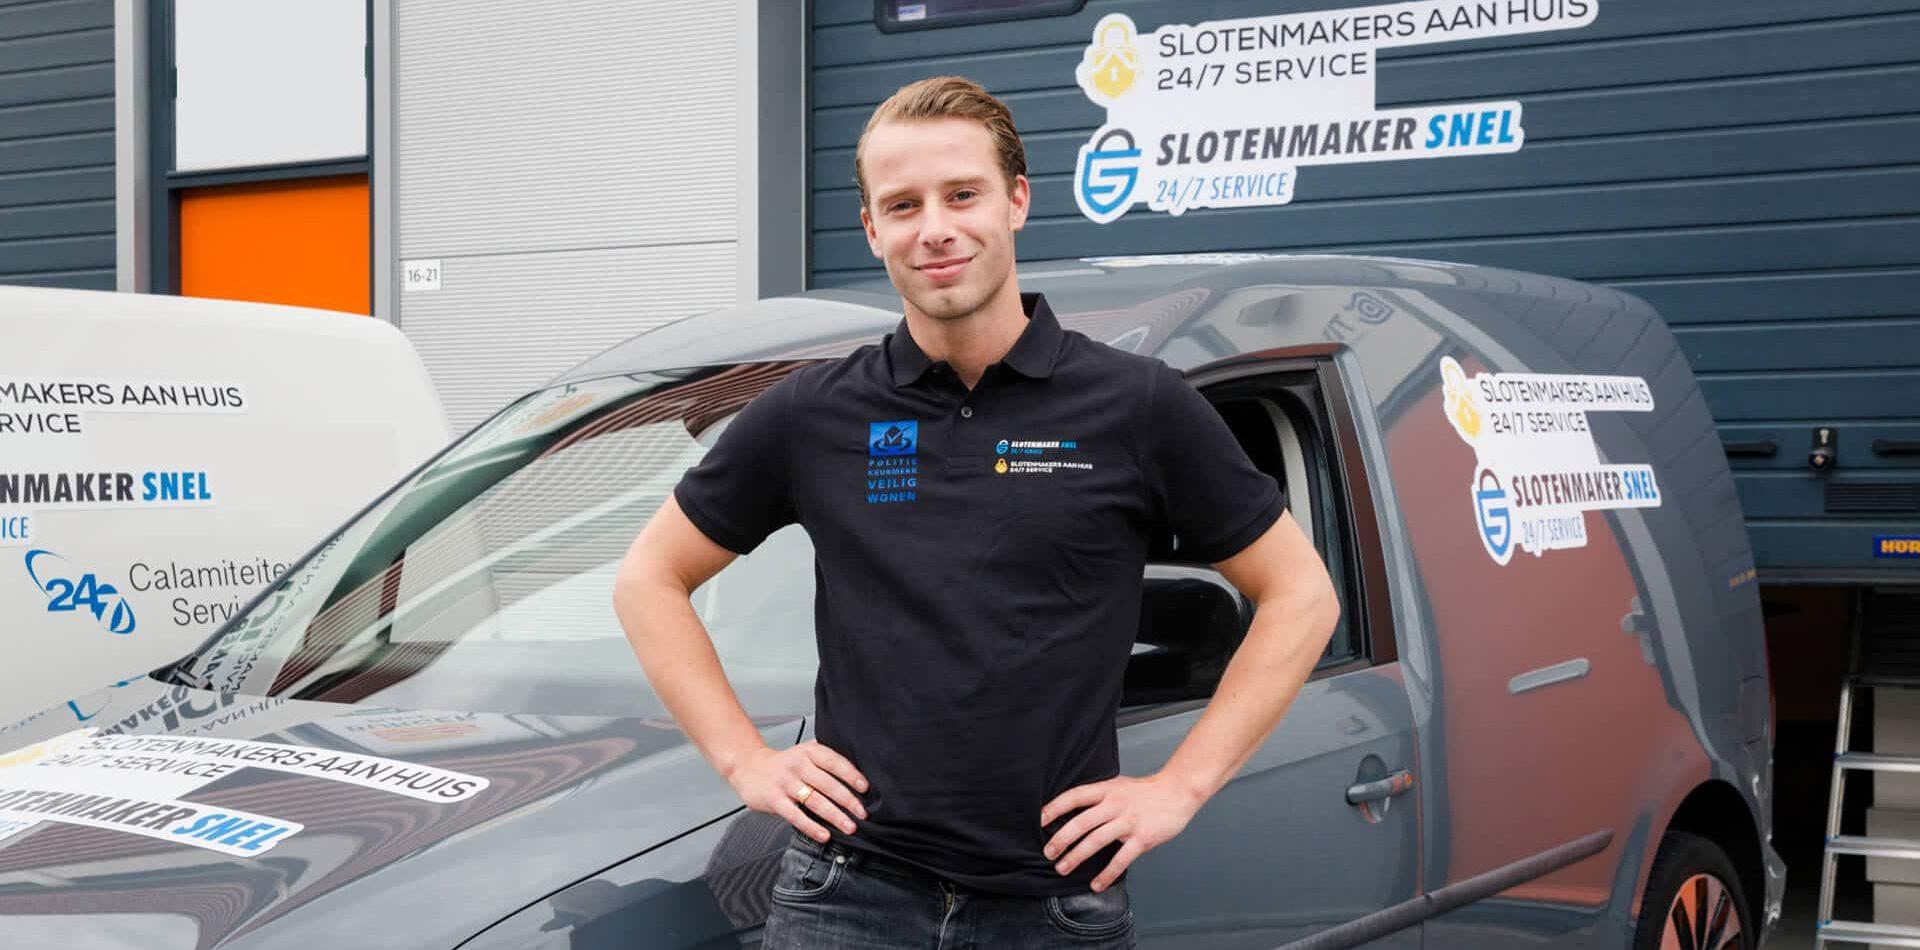 Slotenmaker Culemborg